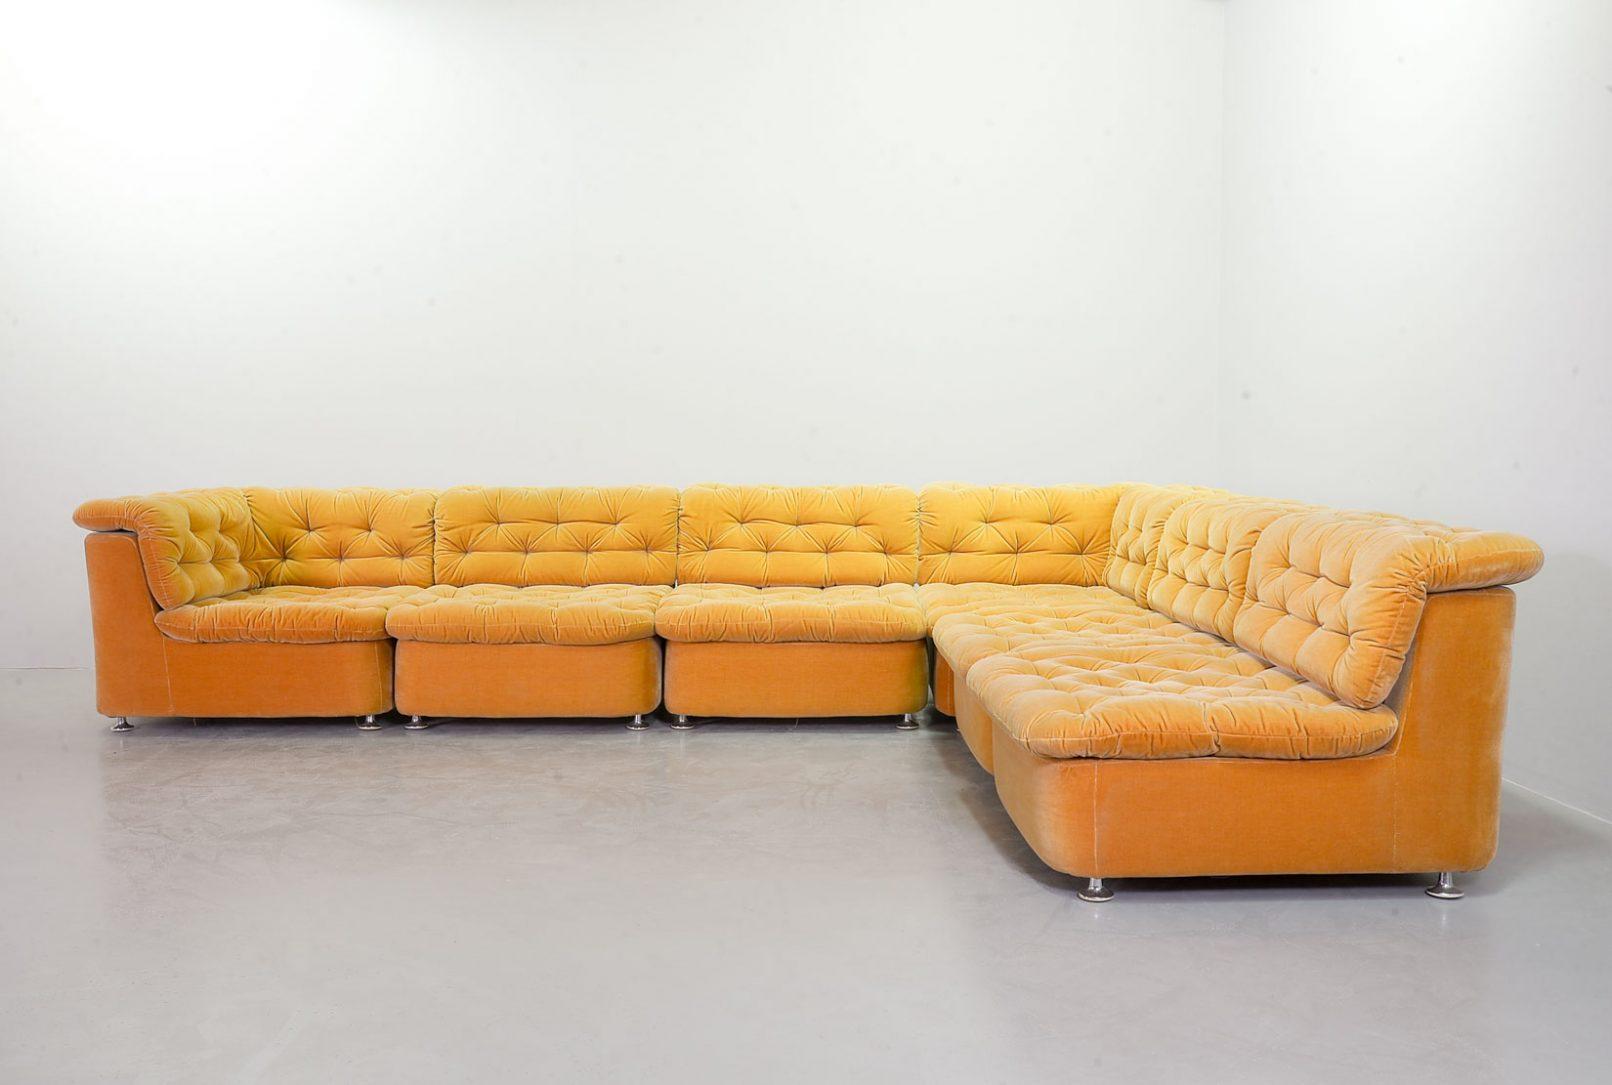 Dreipunkt Large Modular Lounge Sofa in Ochre Peach Velvet ...